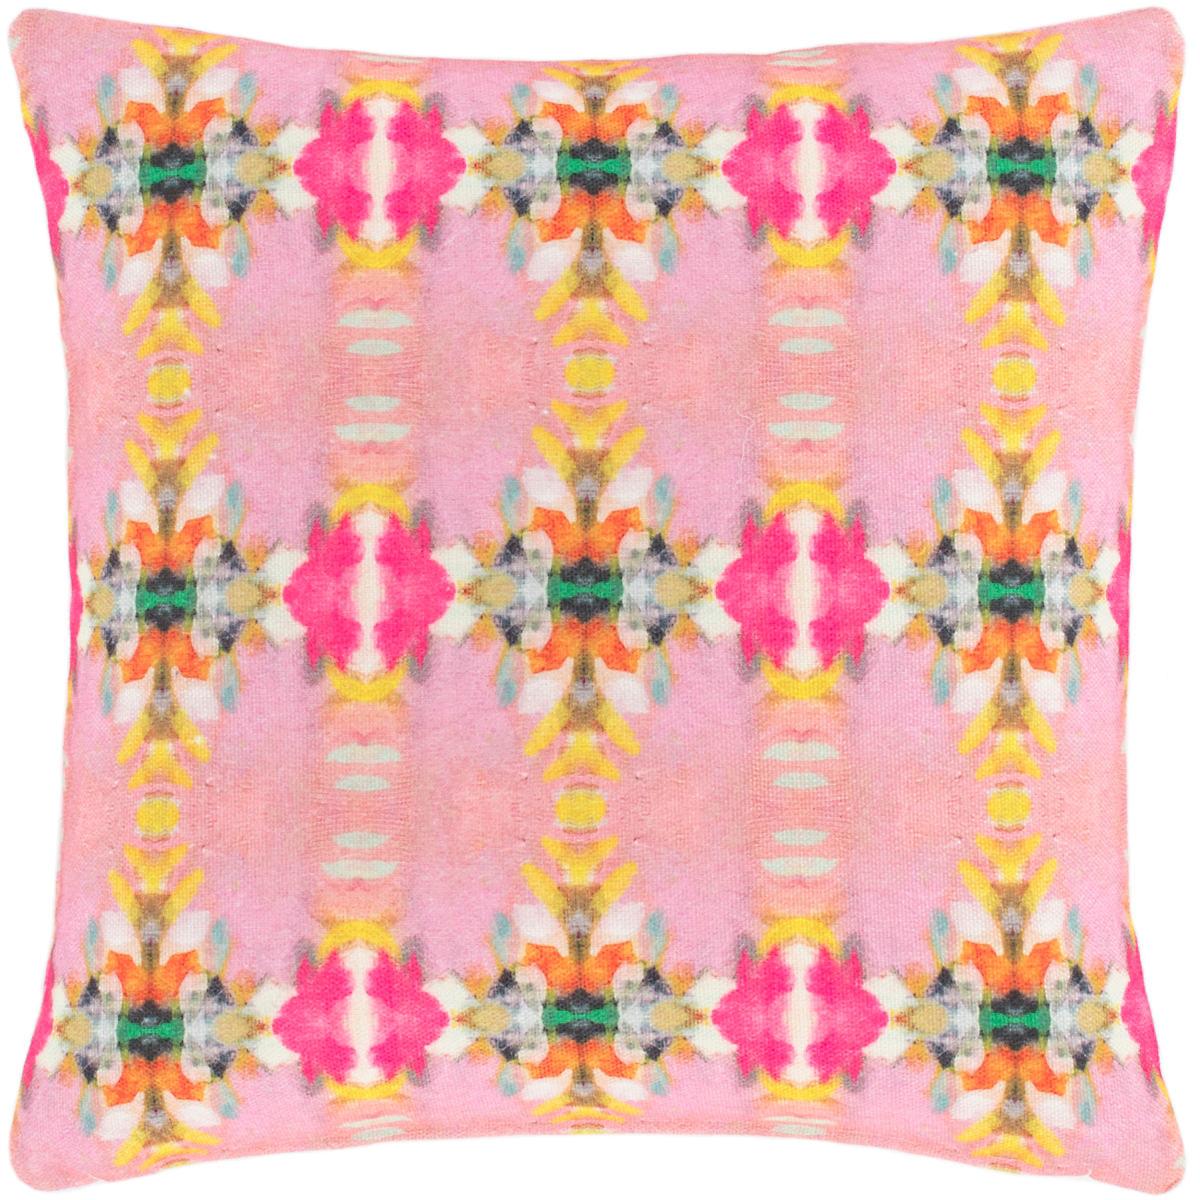 Aberdeen Indoor/Outdoor Decorative Pillow